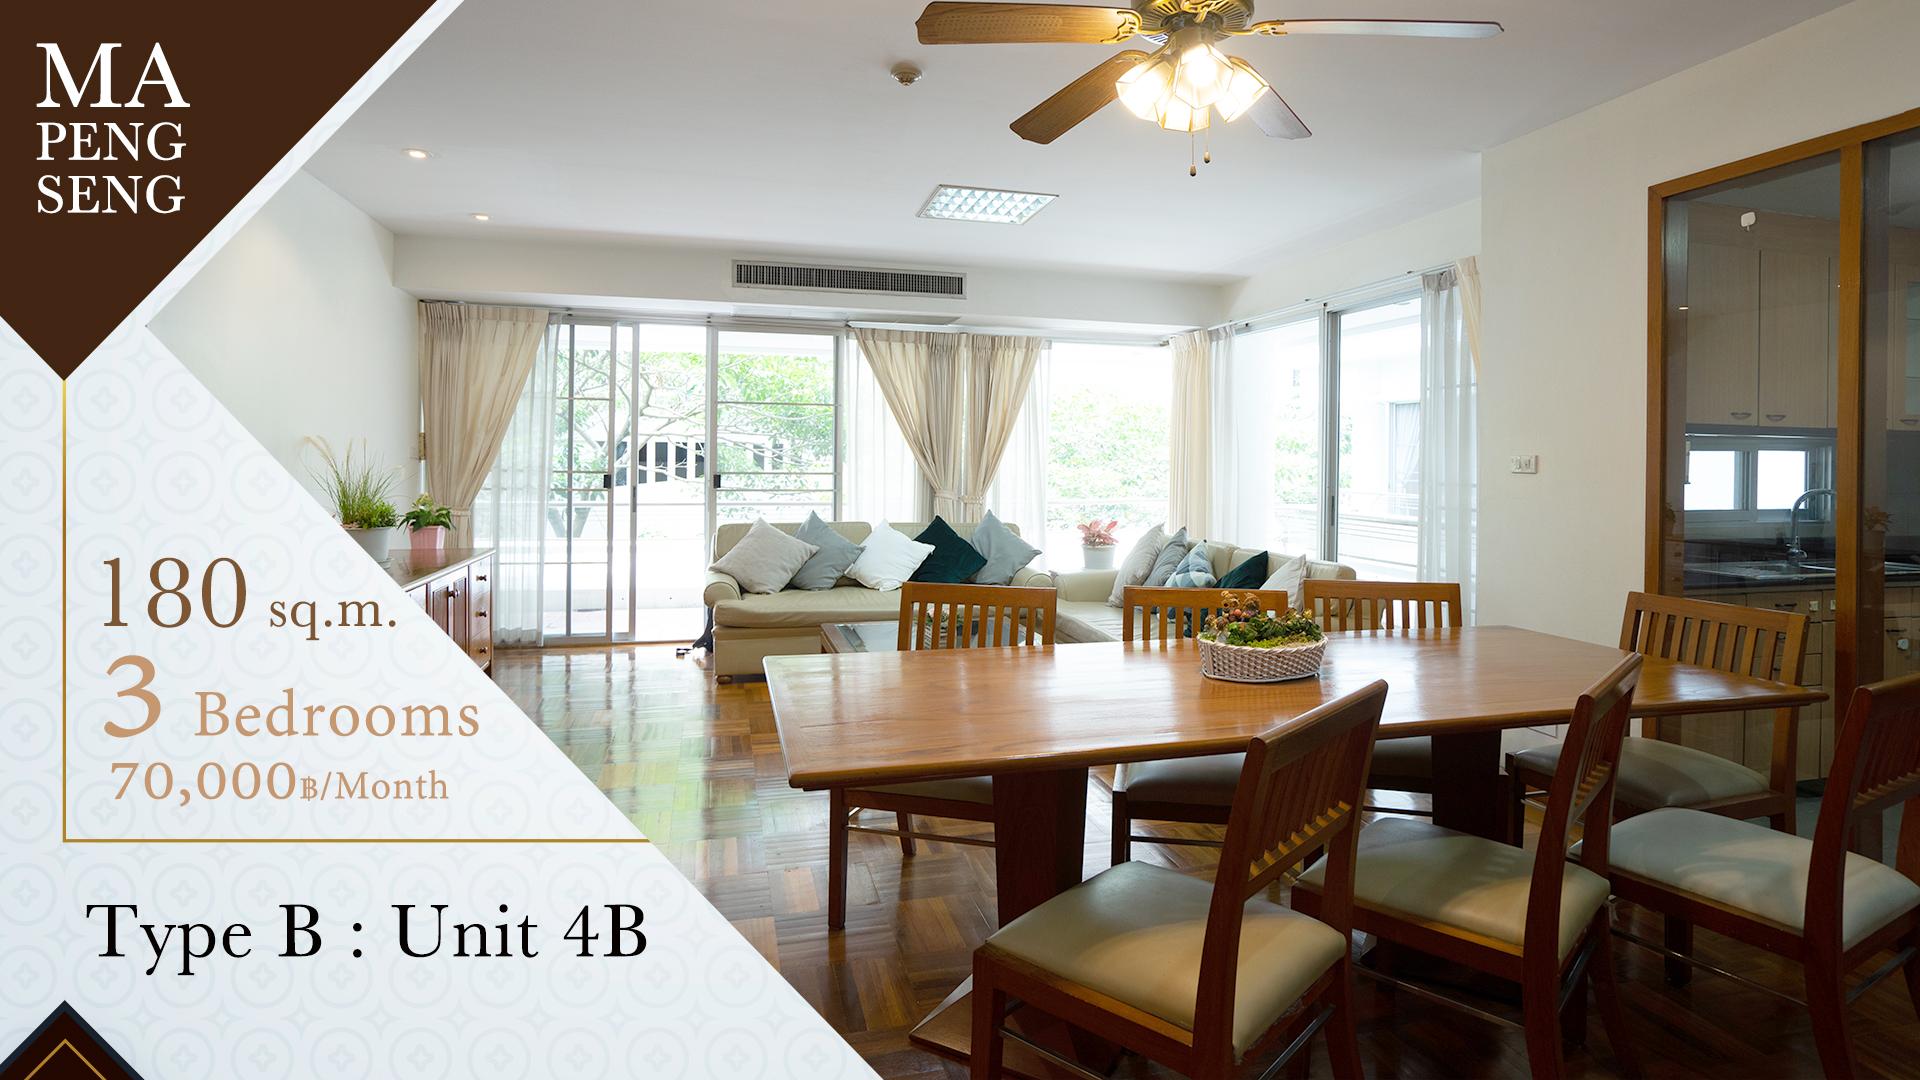 Condominium 3 bedroom unit 4B